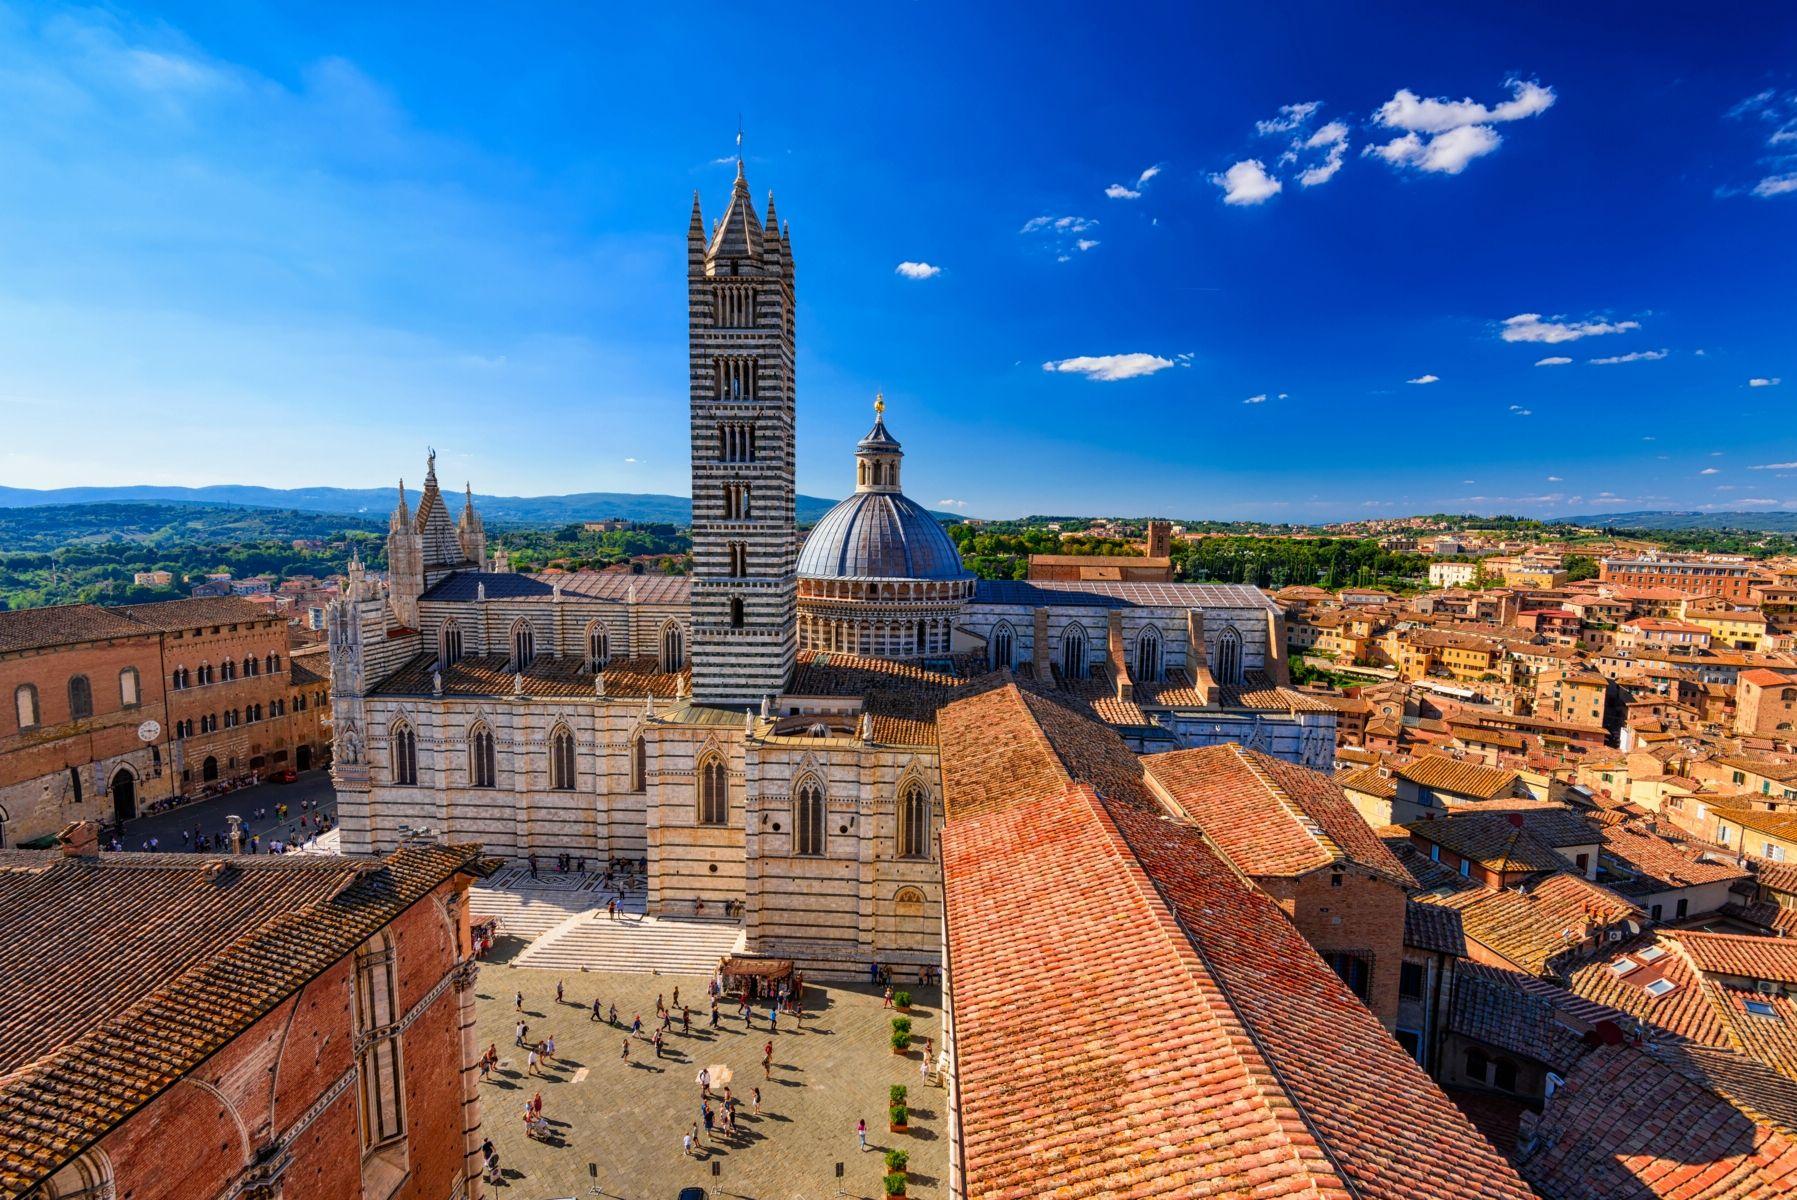 Уикенд в Италии: топ-5 самых лучших городов для отдыха